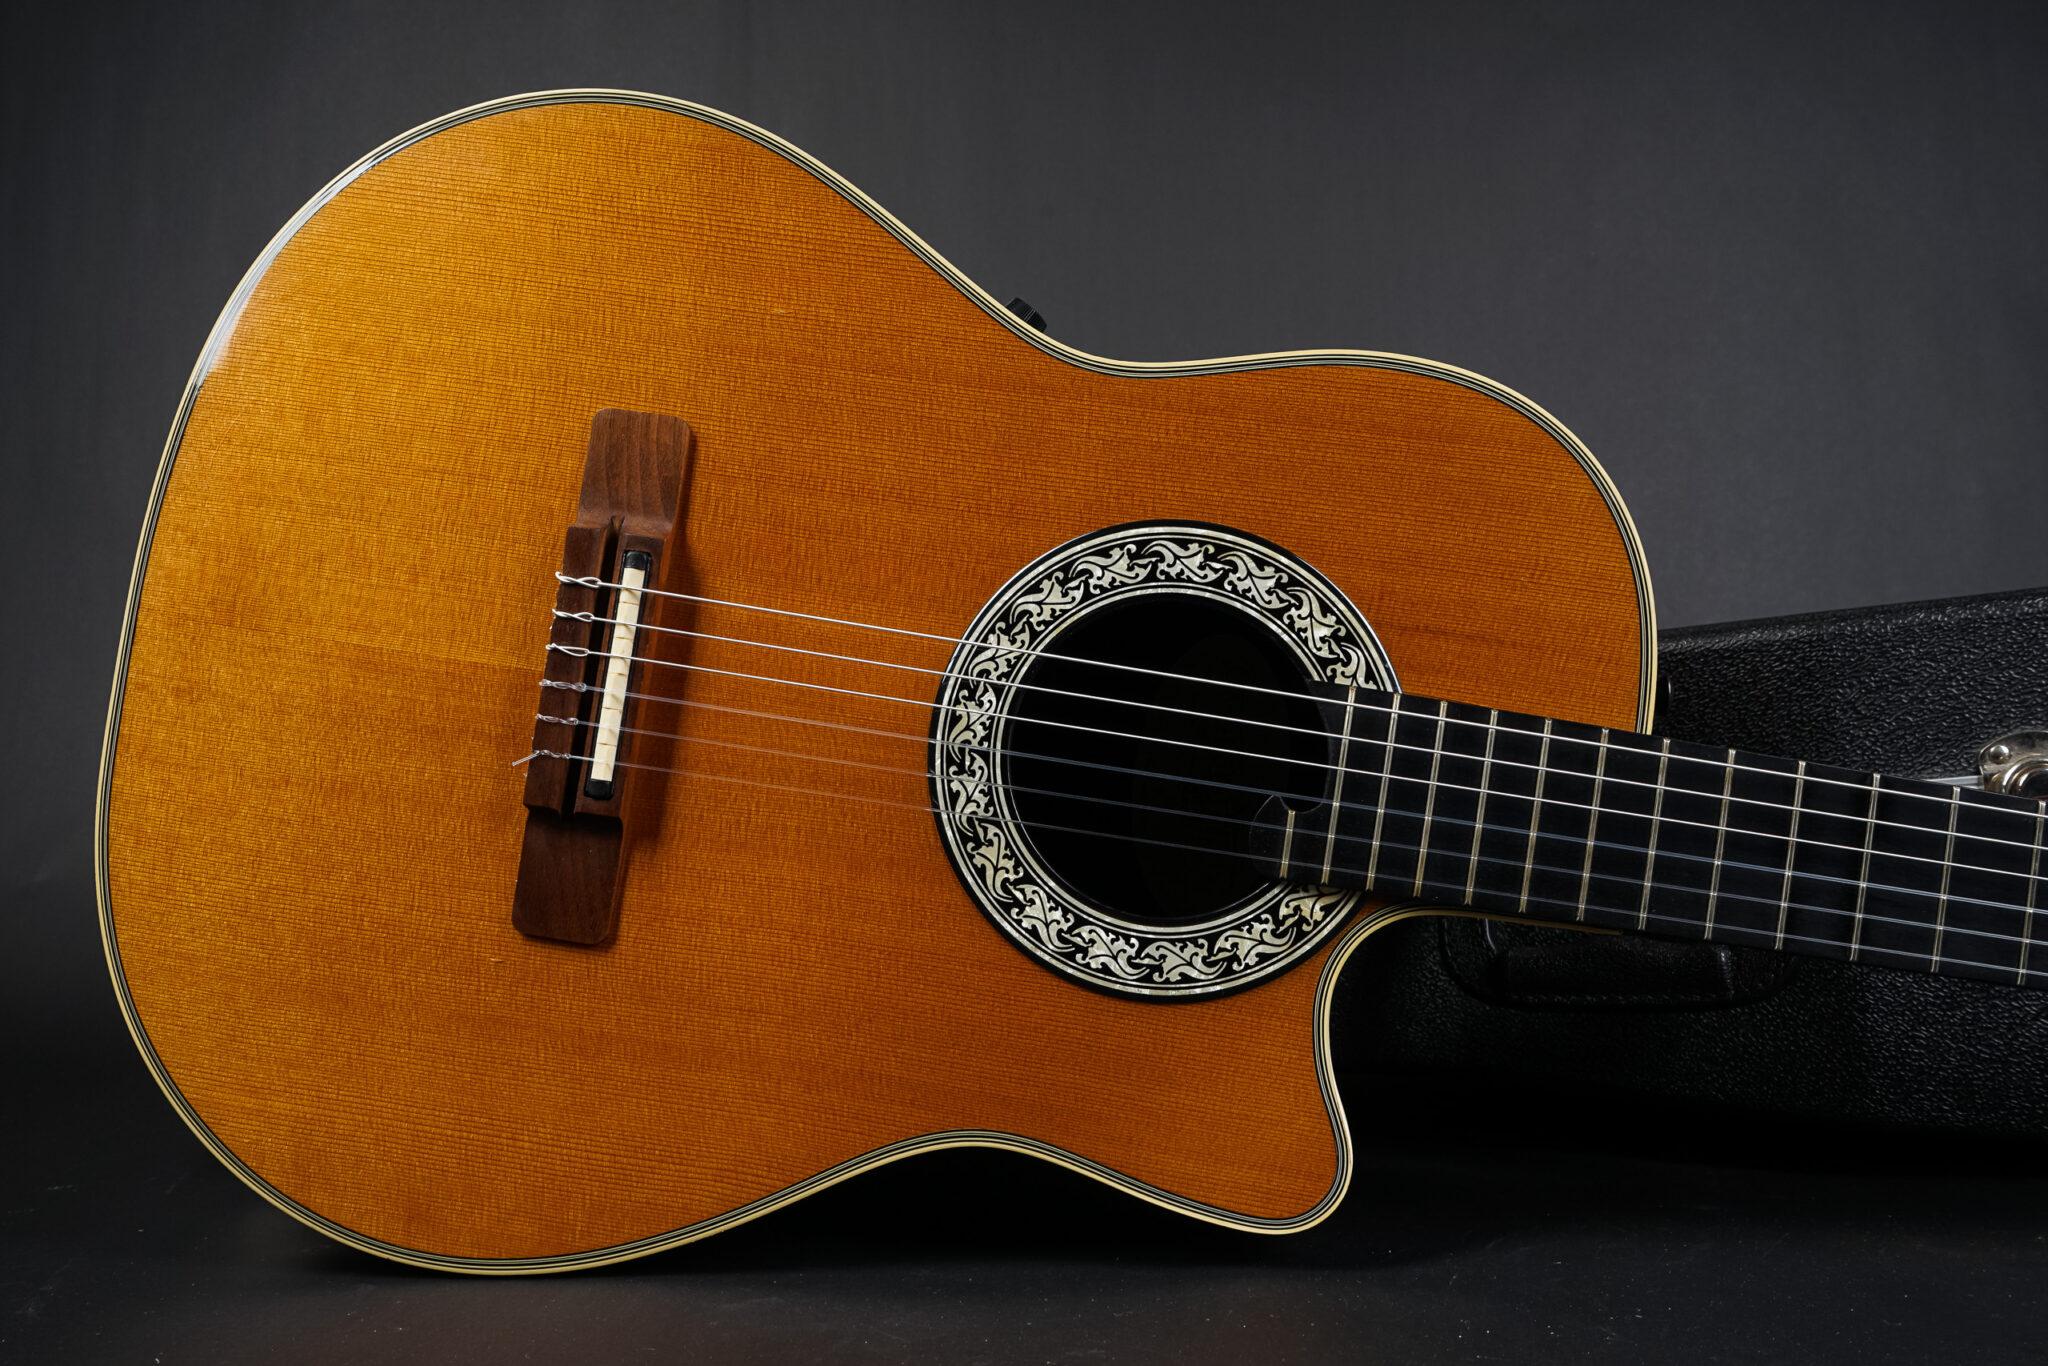 https://guitarpoint.de/app/uploads/products/1991-ovation-1763-classic-guitar-natural/1991-Ovation-1763-Classic-434788-8-2048x1366.jpg